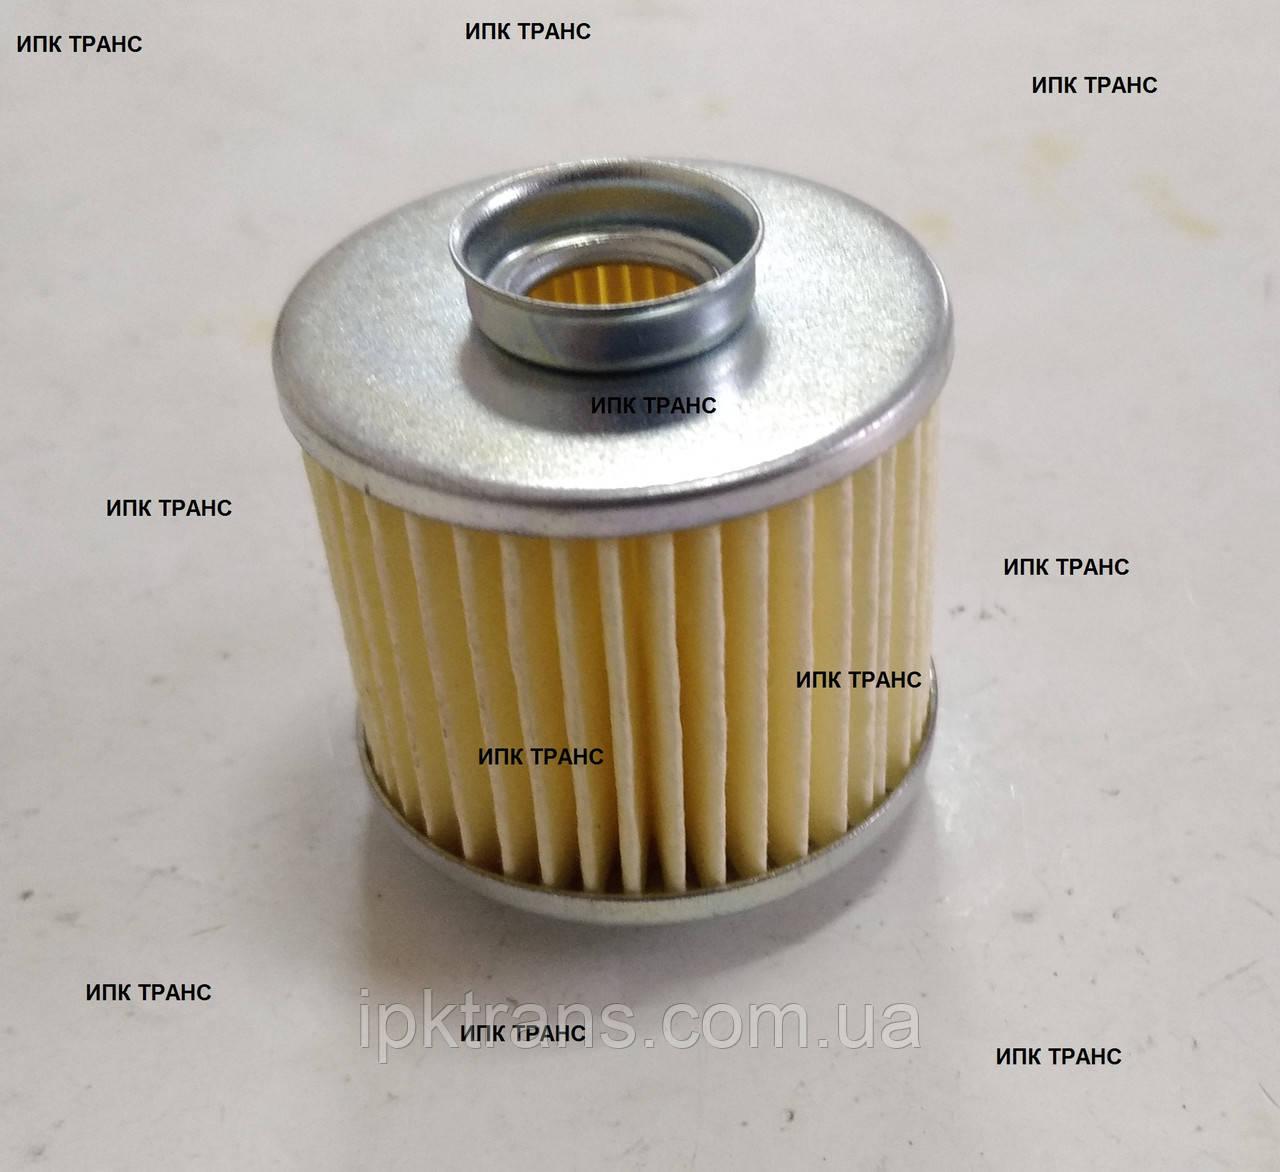 Фильтр топливный двигателя NISSAN K25  1640478213